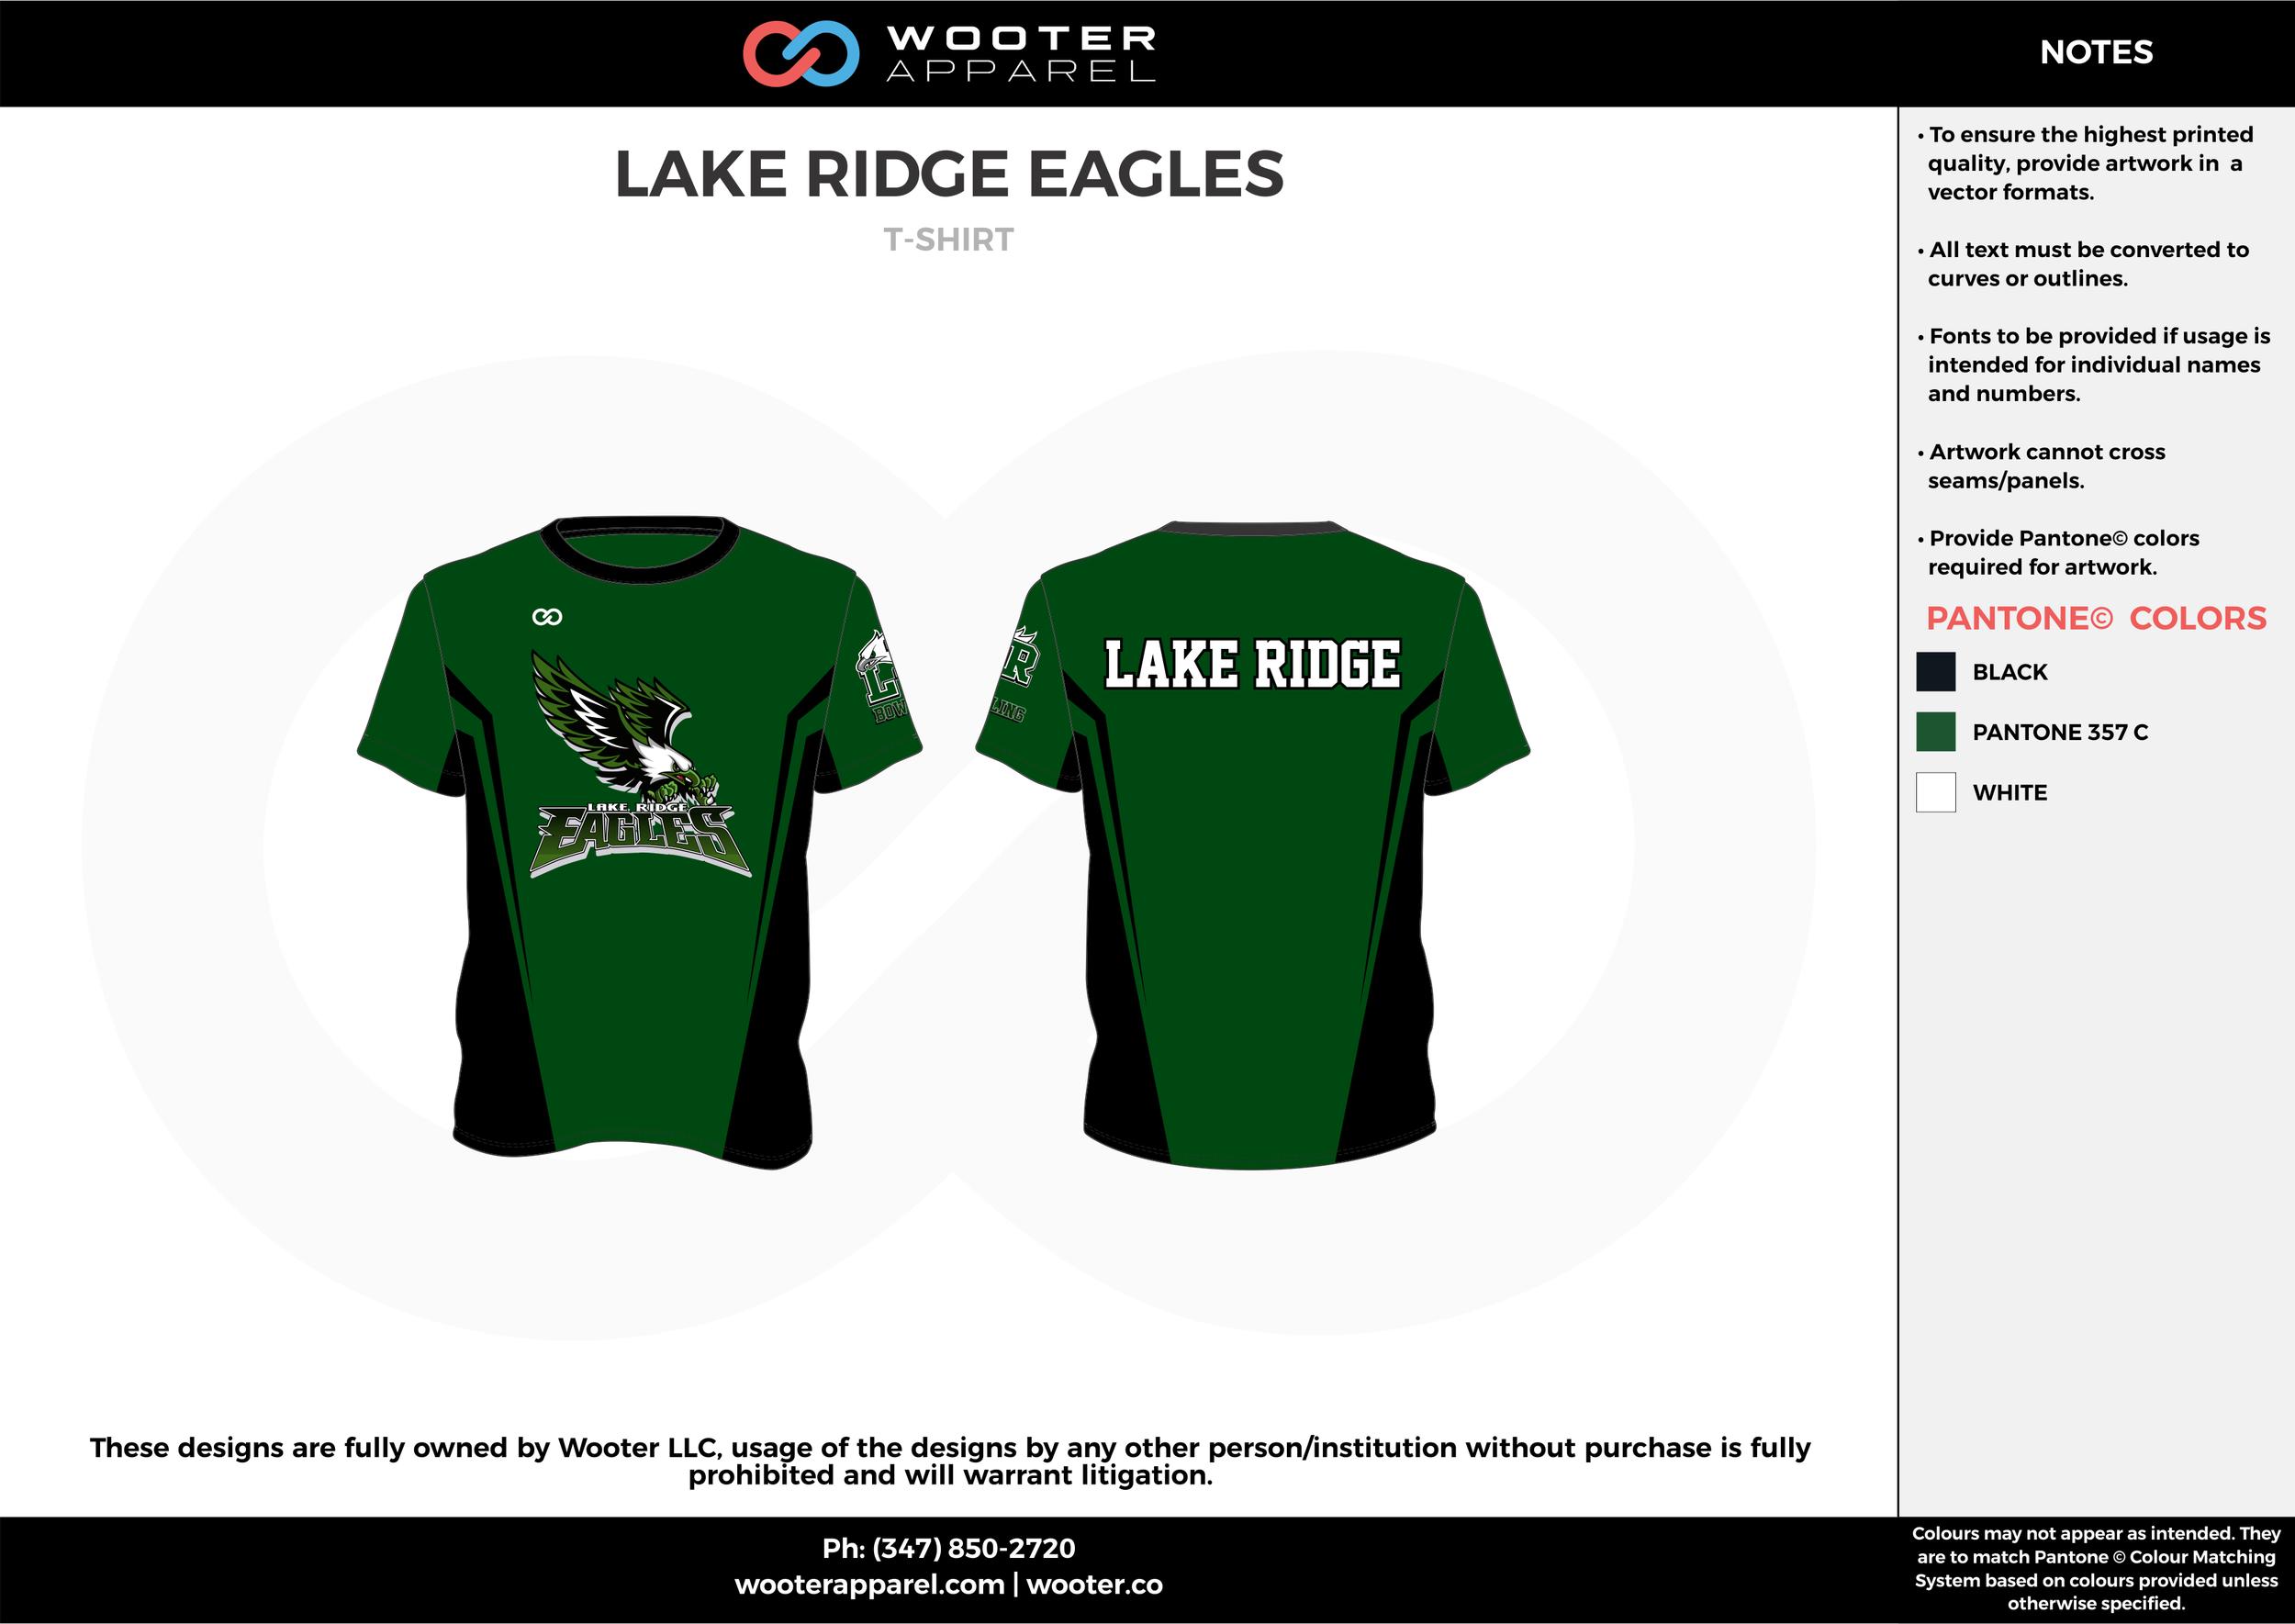 LAKE RIDGE EAGLES green black white bowling uniforms, shirts, quarter zip polo